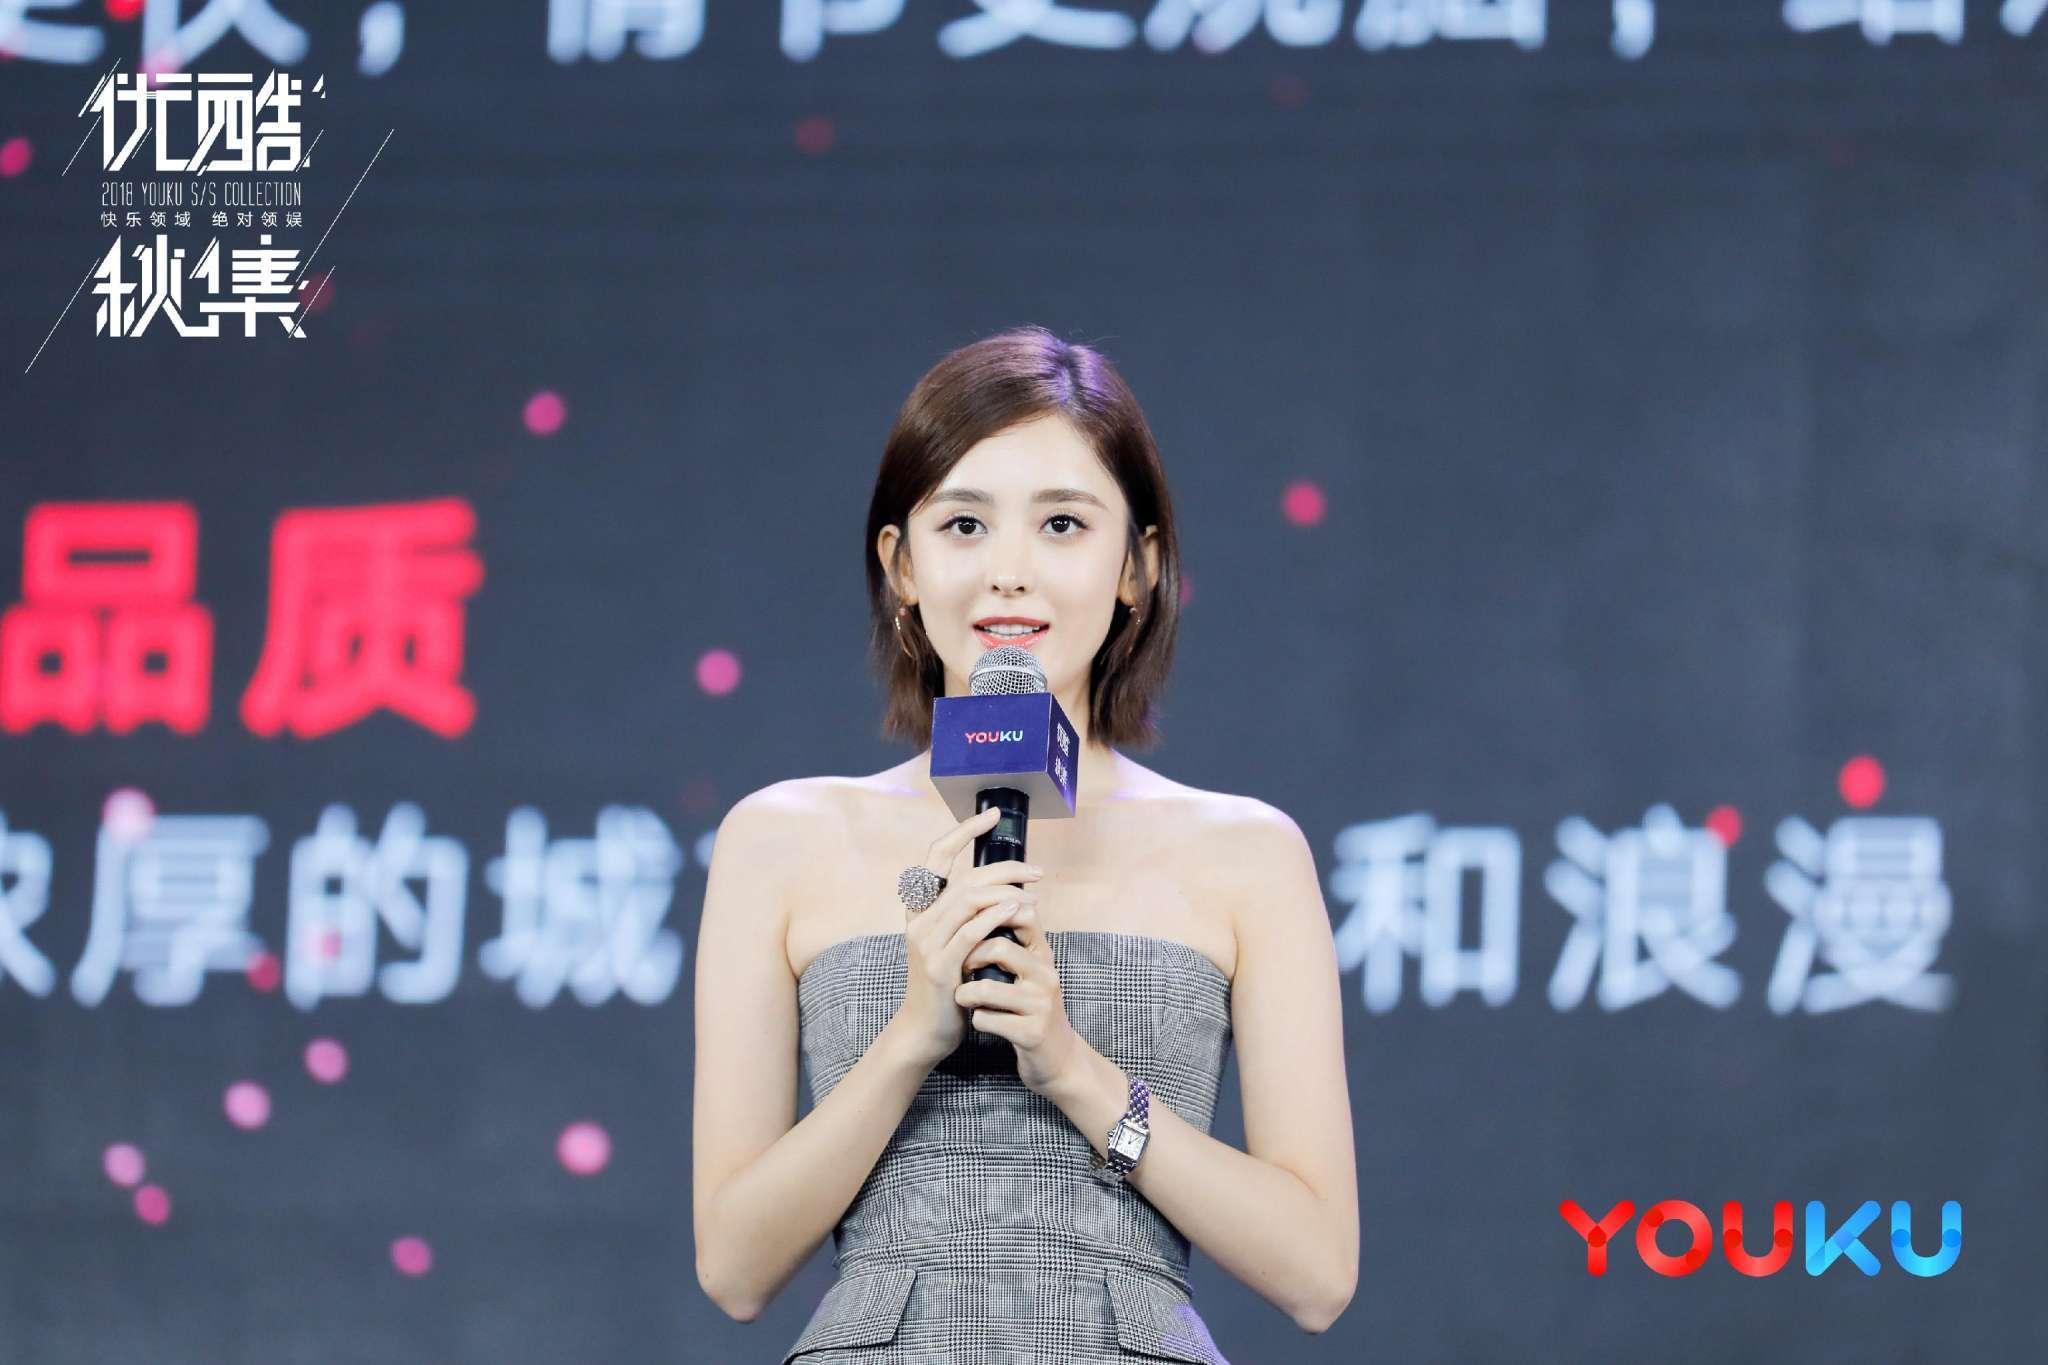 上海古梦婕_优酷秋集发布58部头部剧集 超级剧集将成新常态